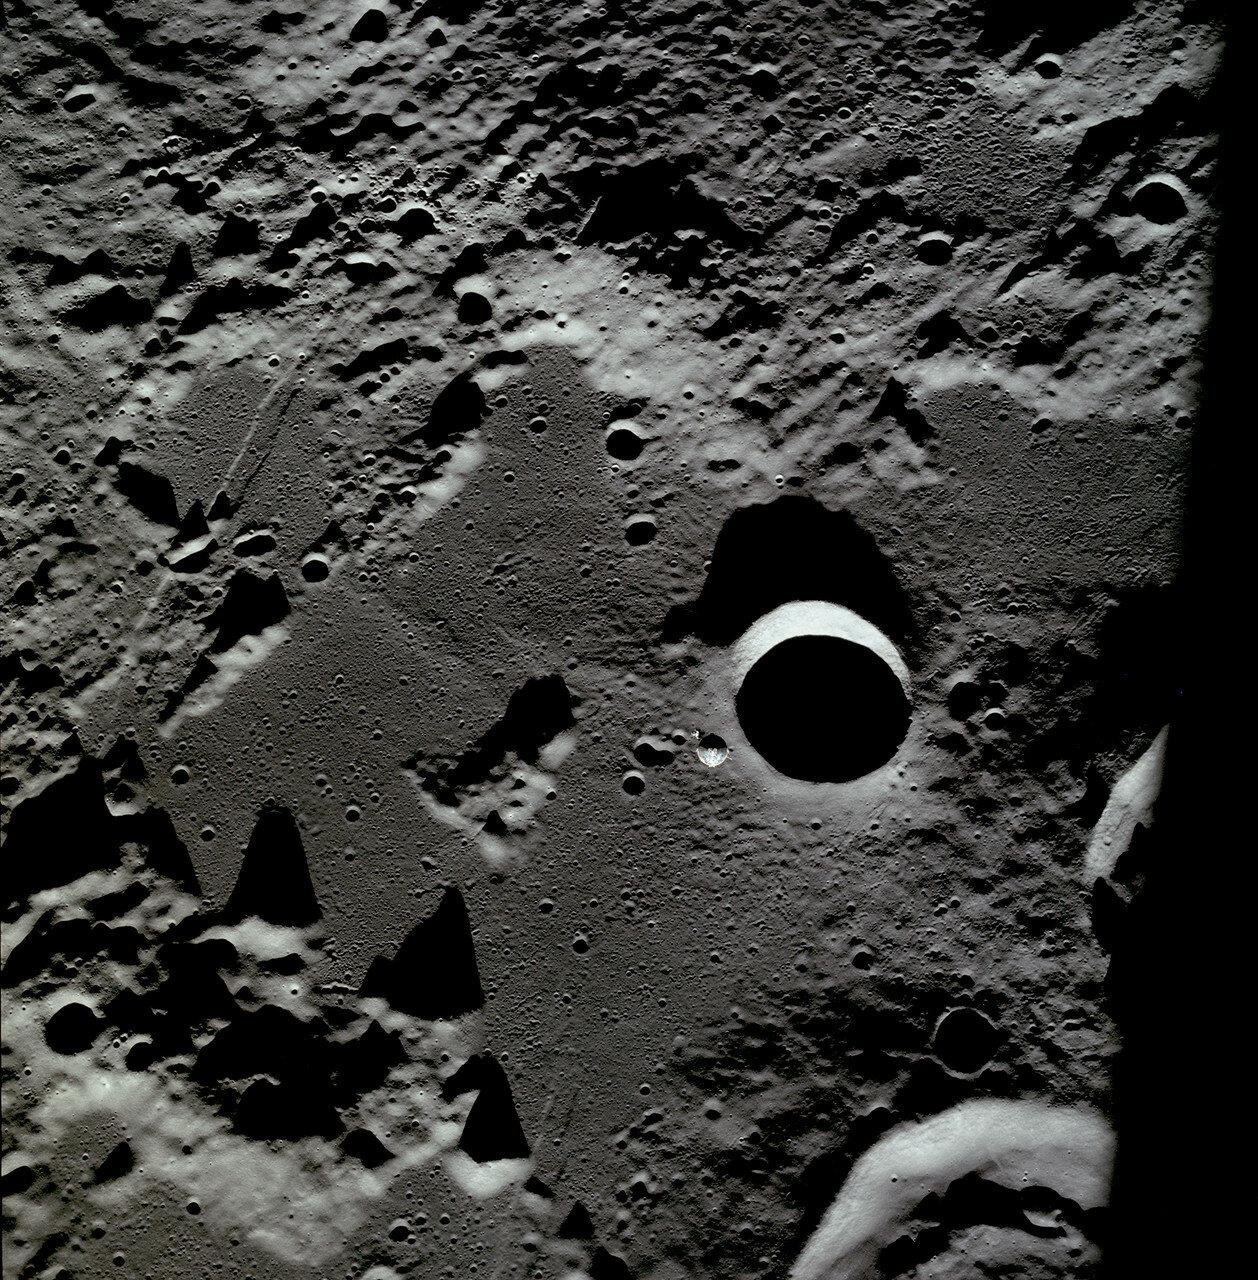 Он летел опорами посадочной ступени вперёд и иллюминаторами вниз, чтобы астронавты могли отслеживать ориентиры на поверхности